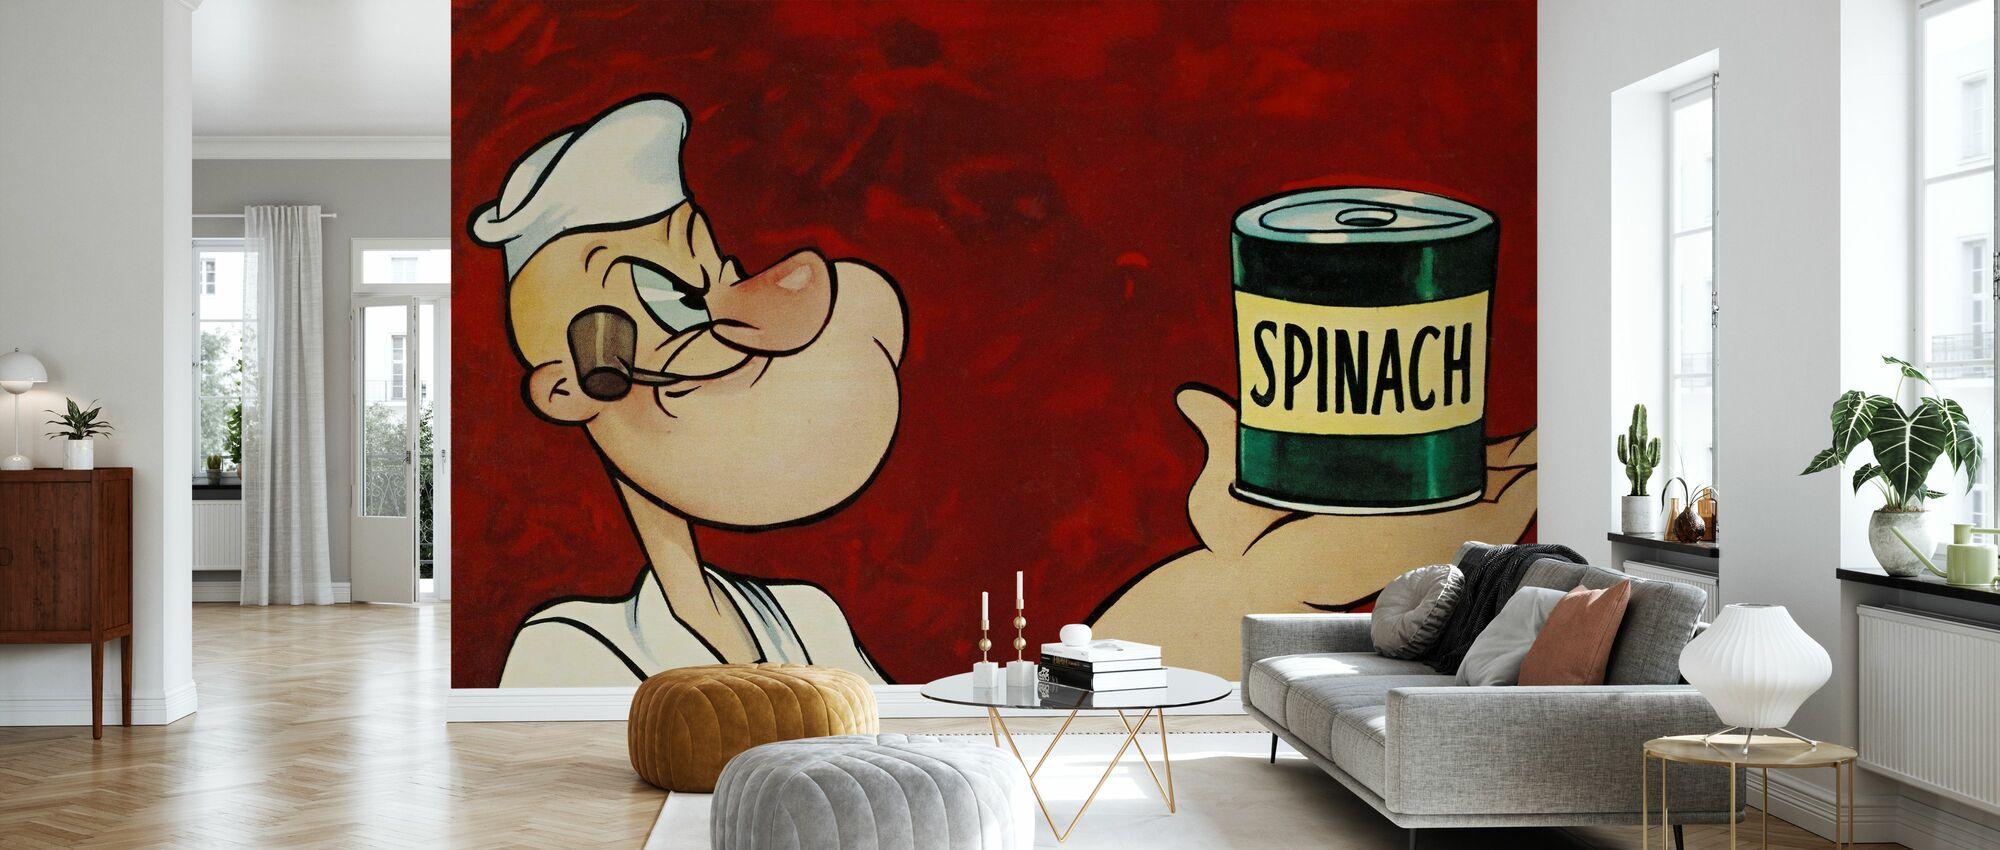 Popeye the Sailor - Wallpaper - Living Room